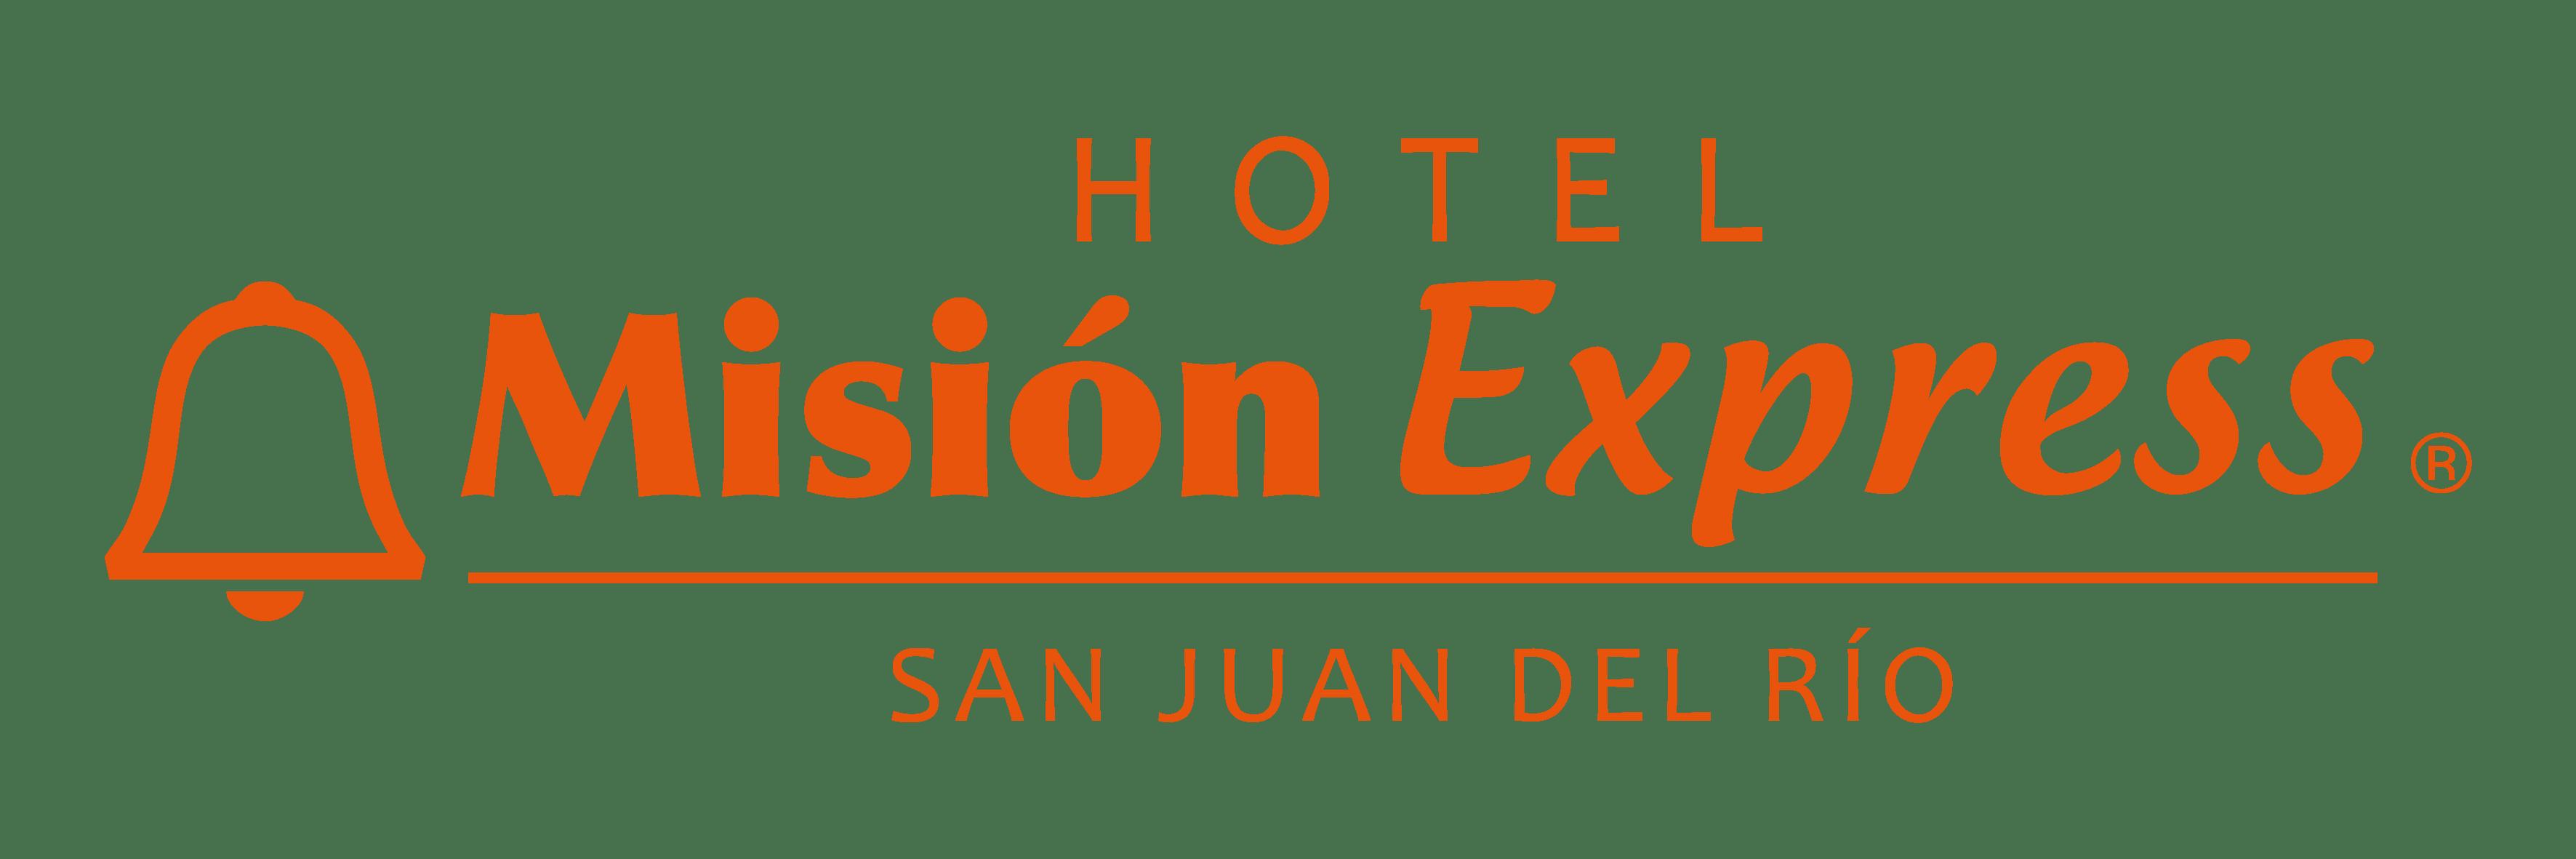 Hoteles Misión llega a San Juan del Río